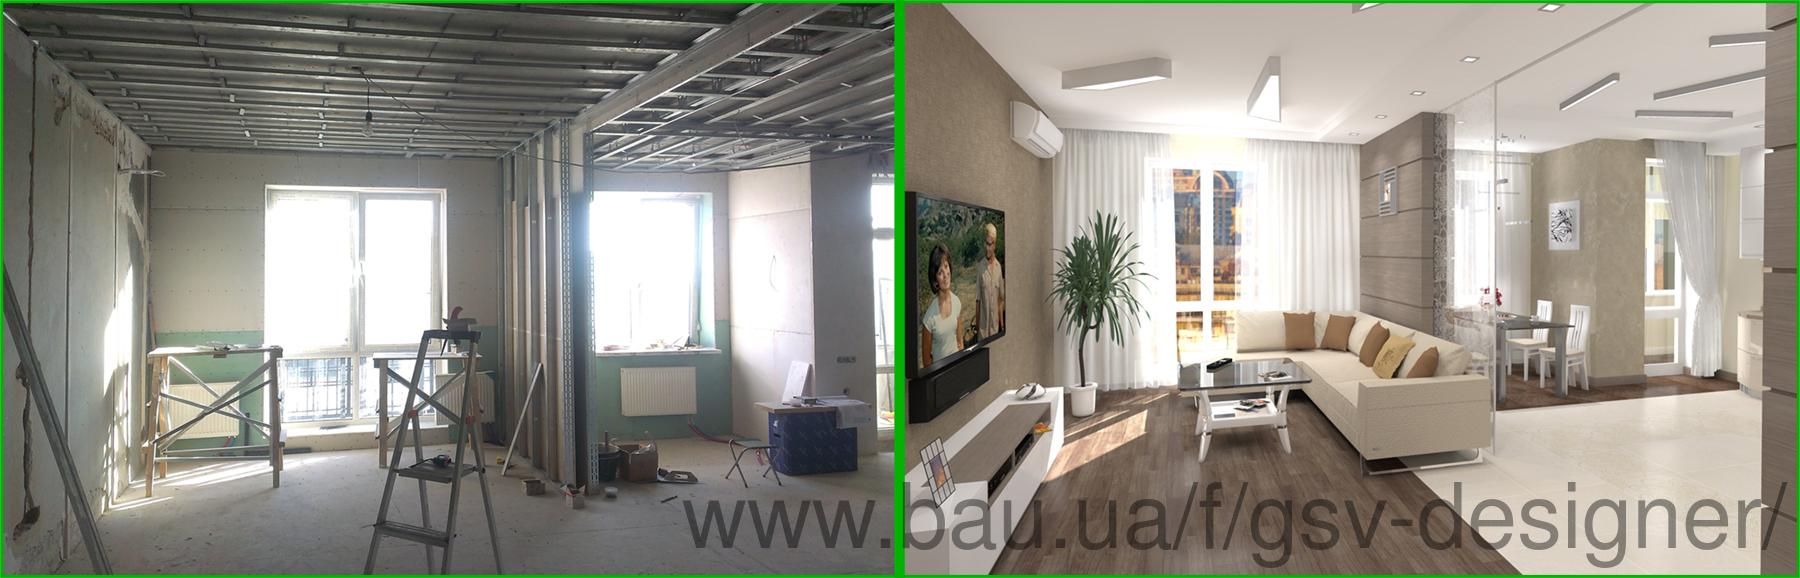 Дизайн интерьера или экстерьера (фасад)